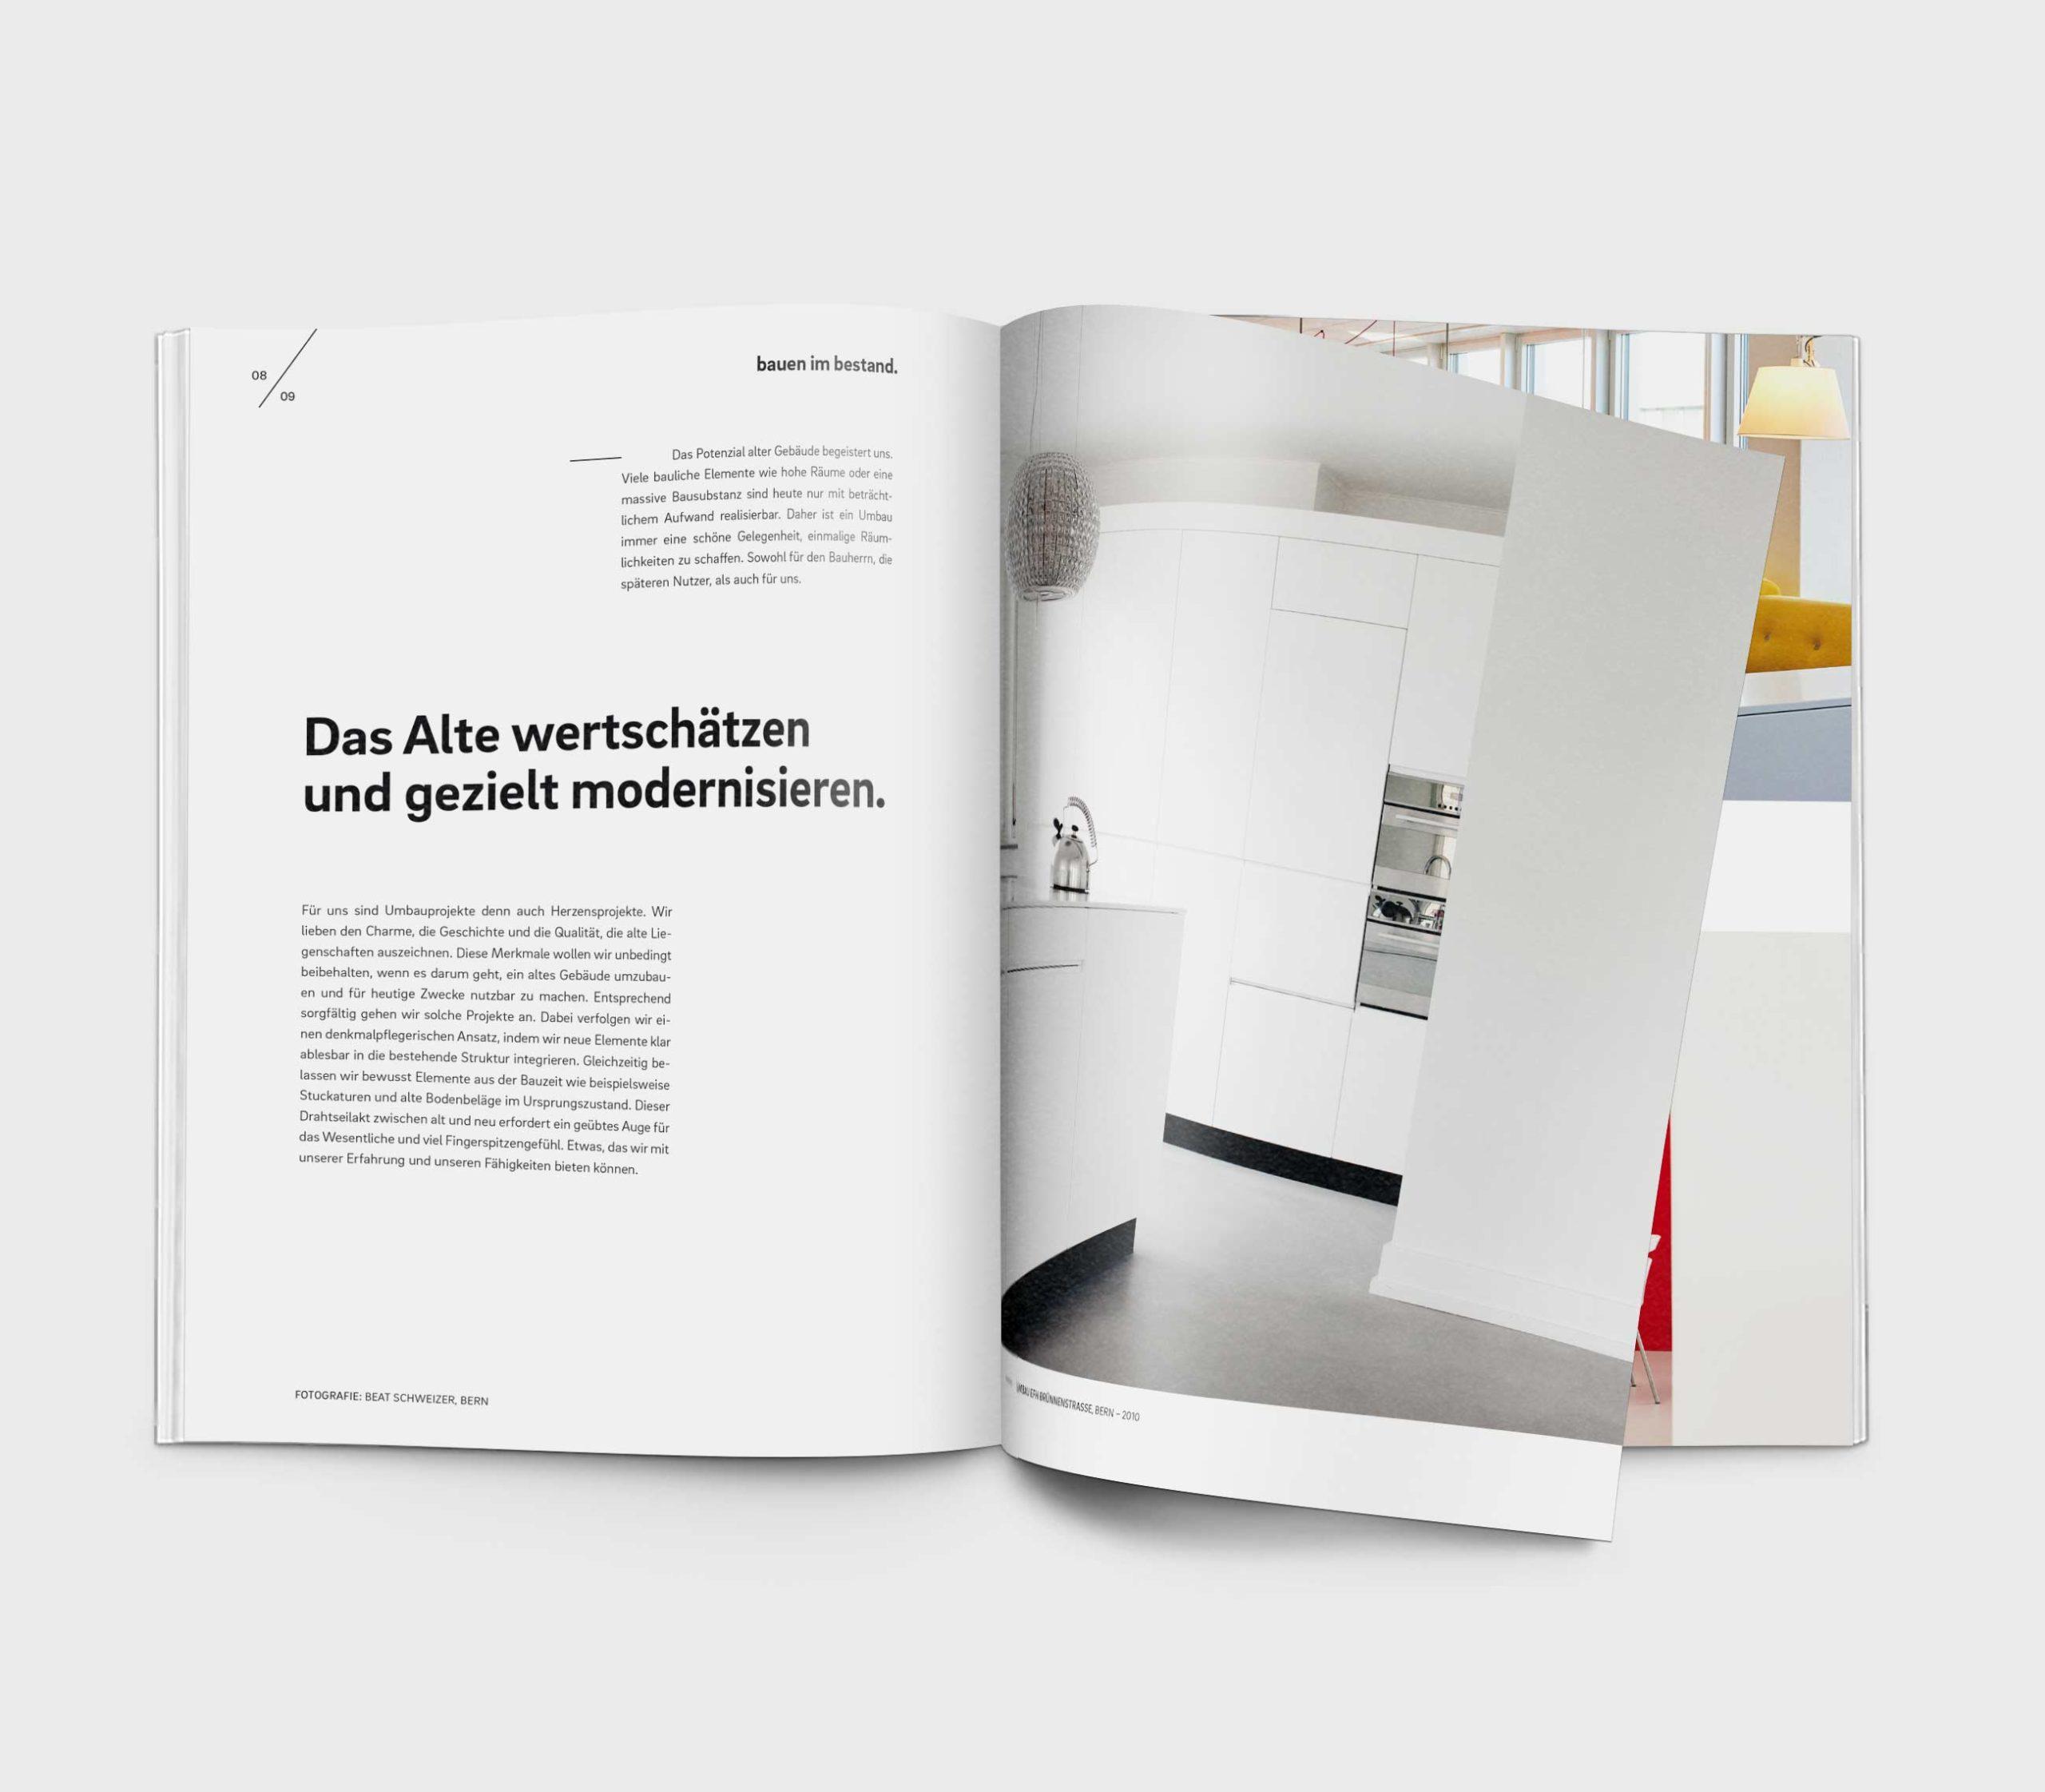 qbus Architekten Branding Broschuere Artikel Modernisieren